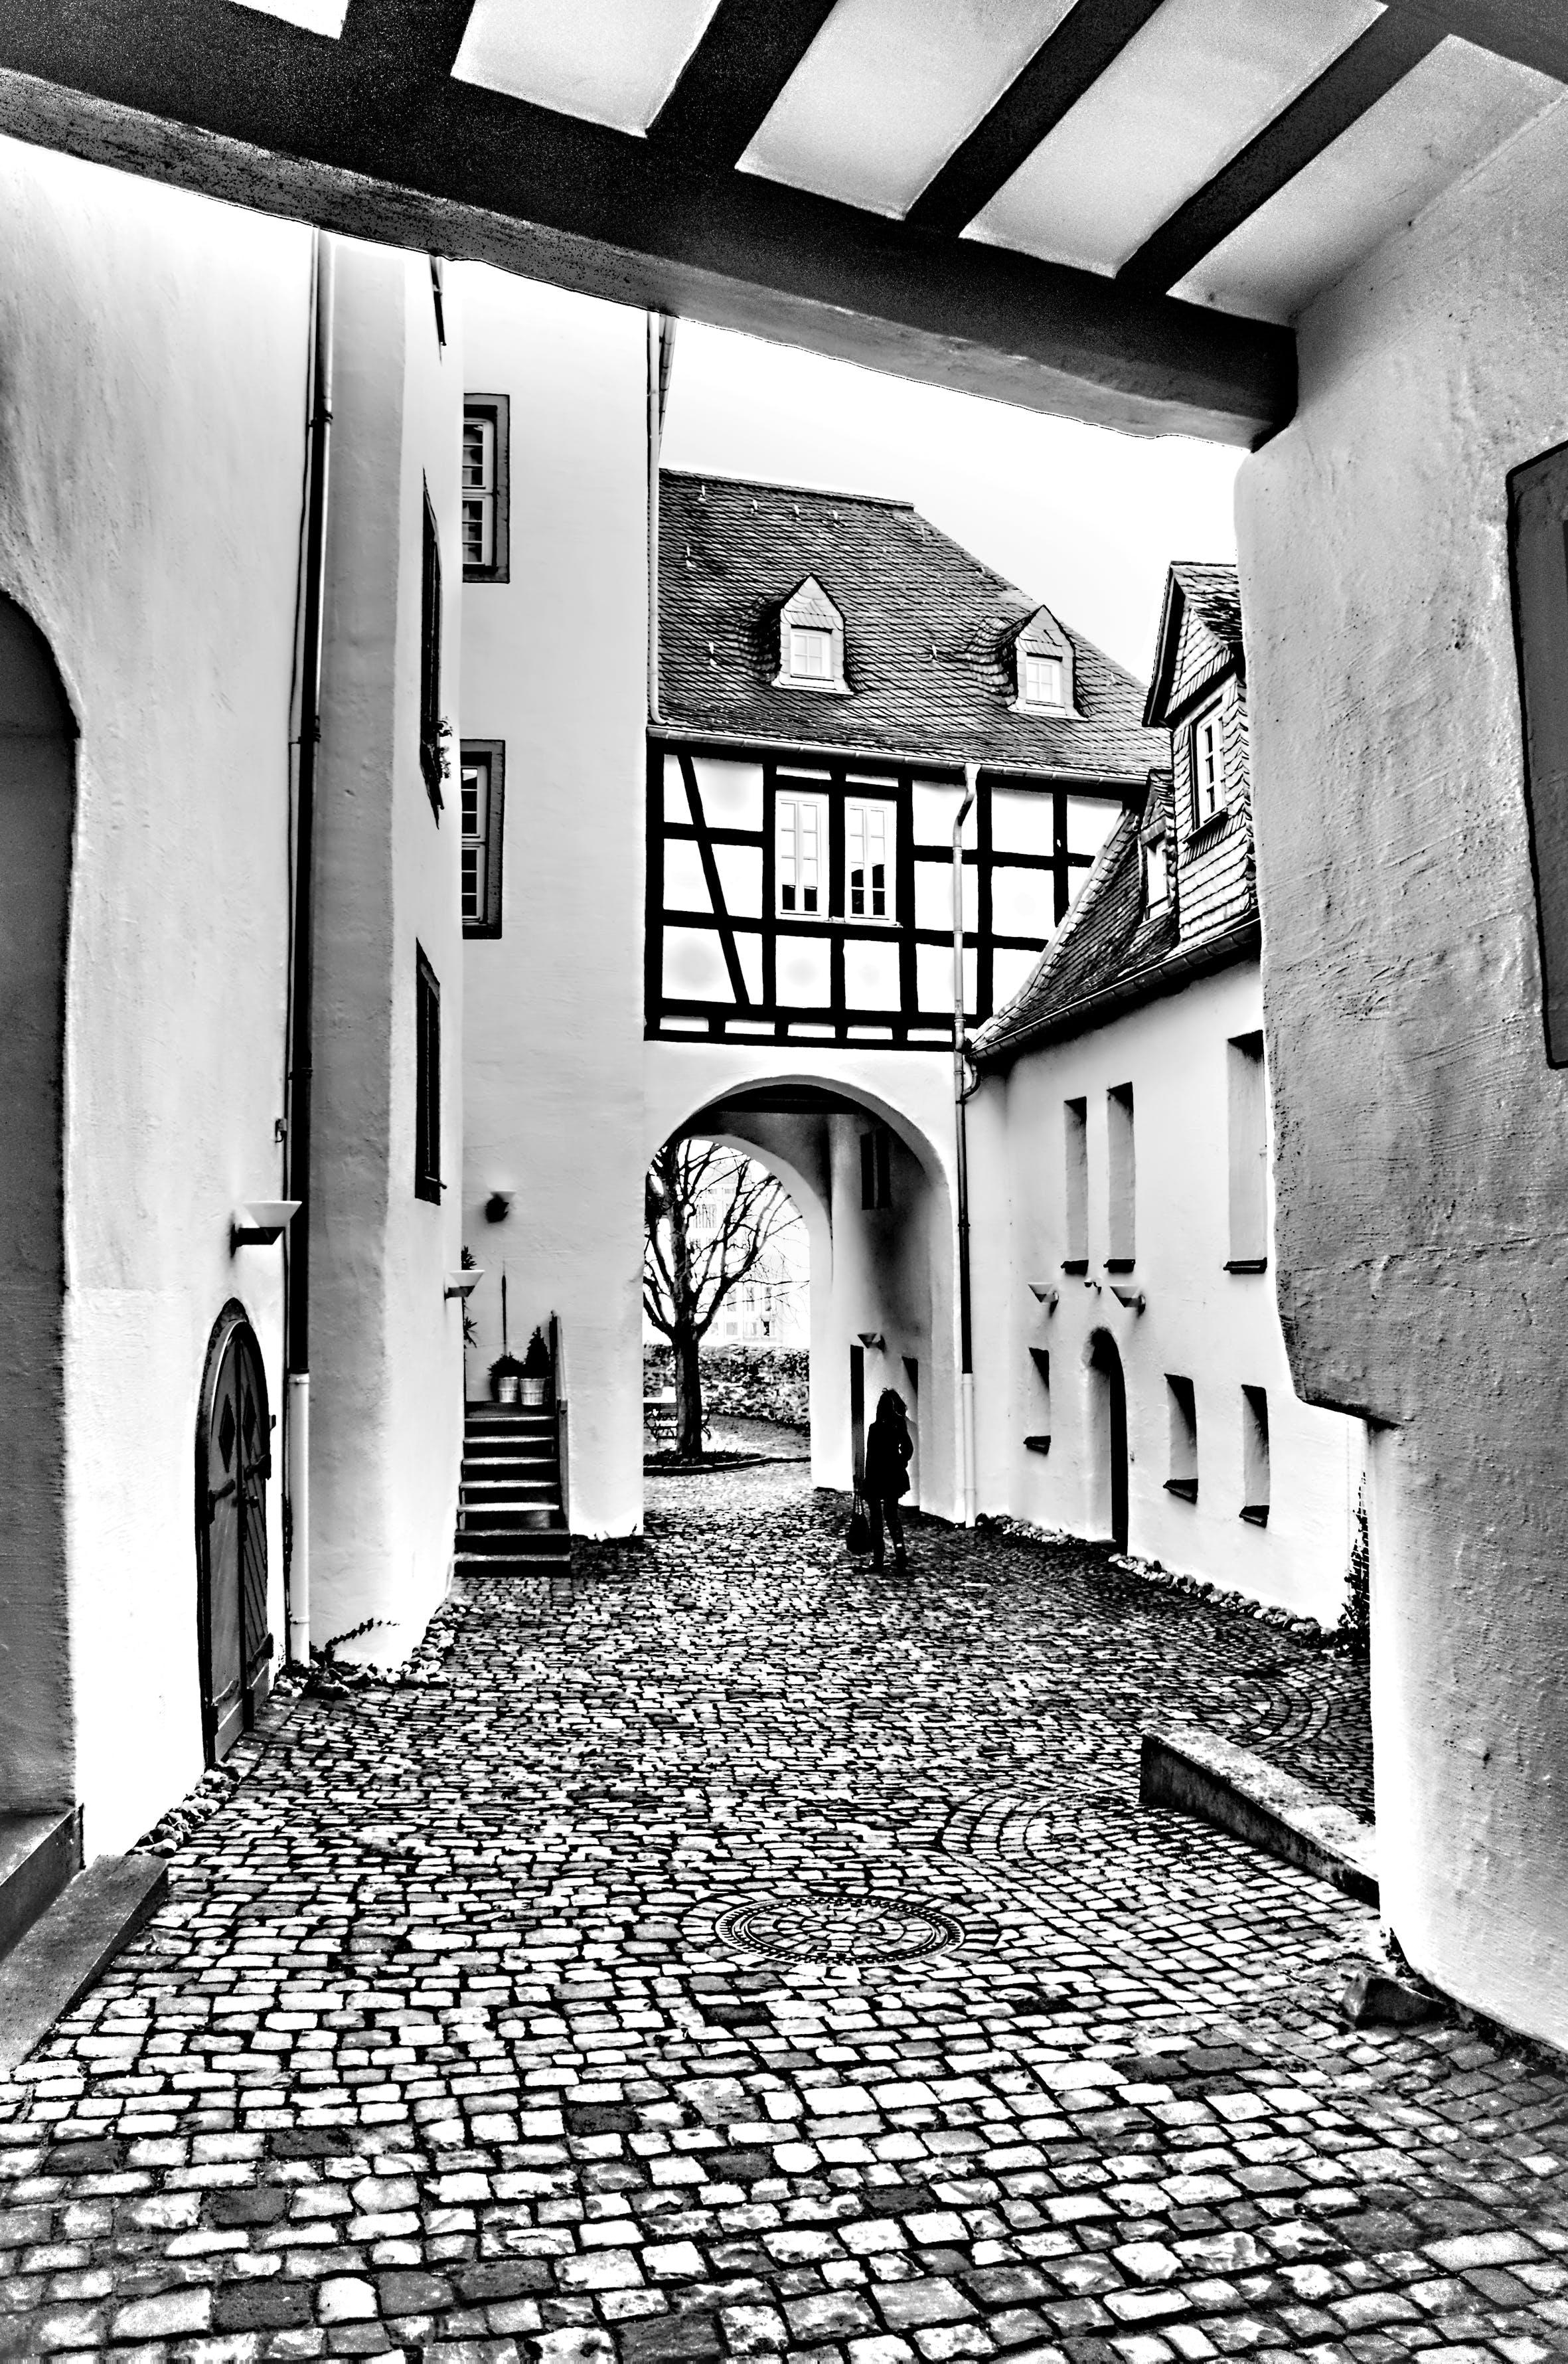 Δωρεάν στοκ φωτογραφιών με ασπρόμαυρο, ιστορικό κέντρο, κλειδαριά, ξύλο